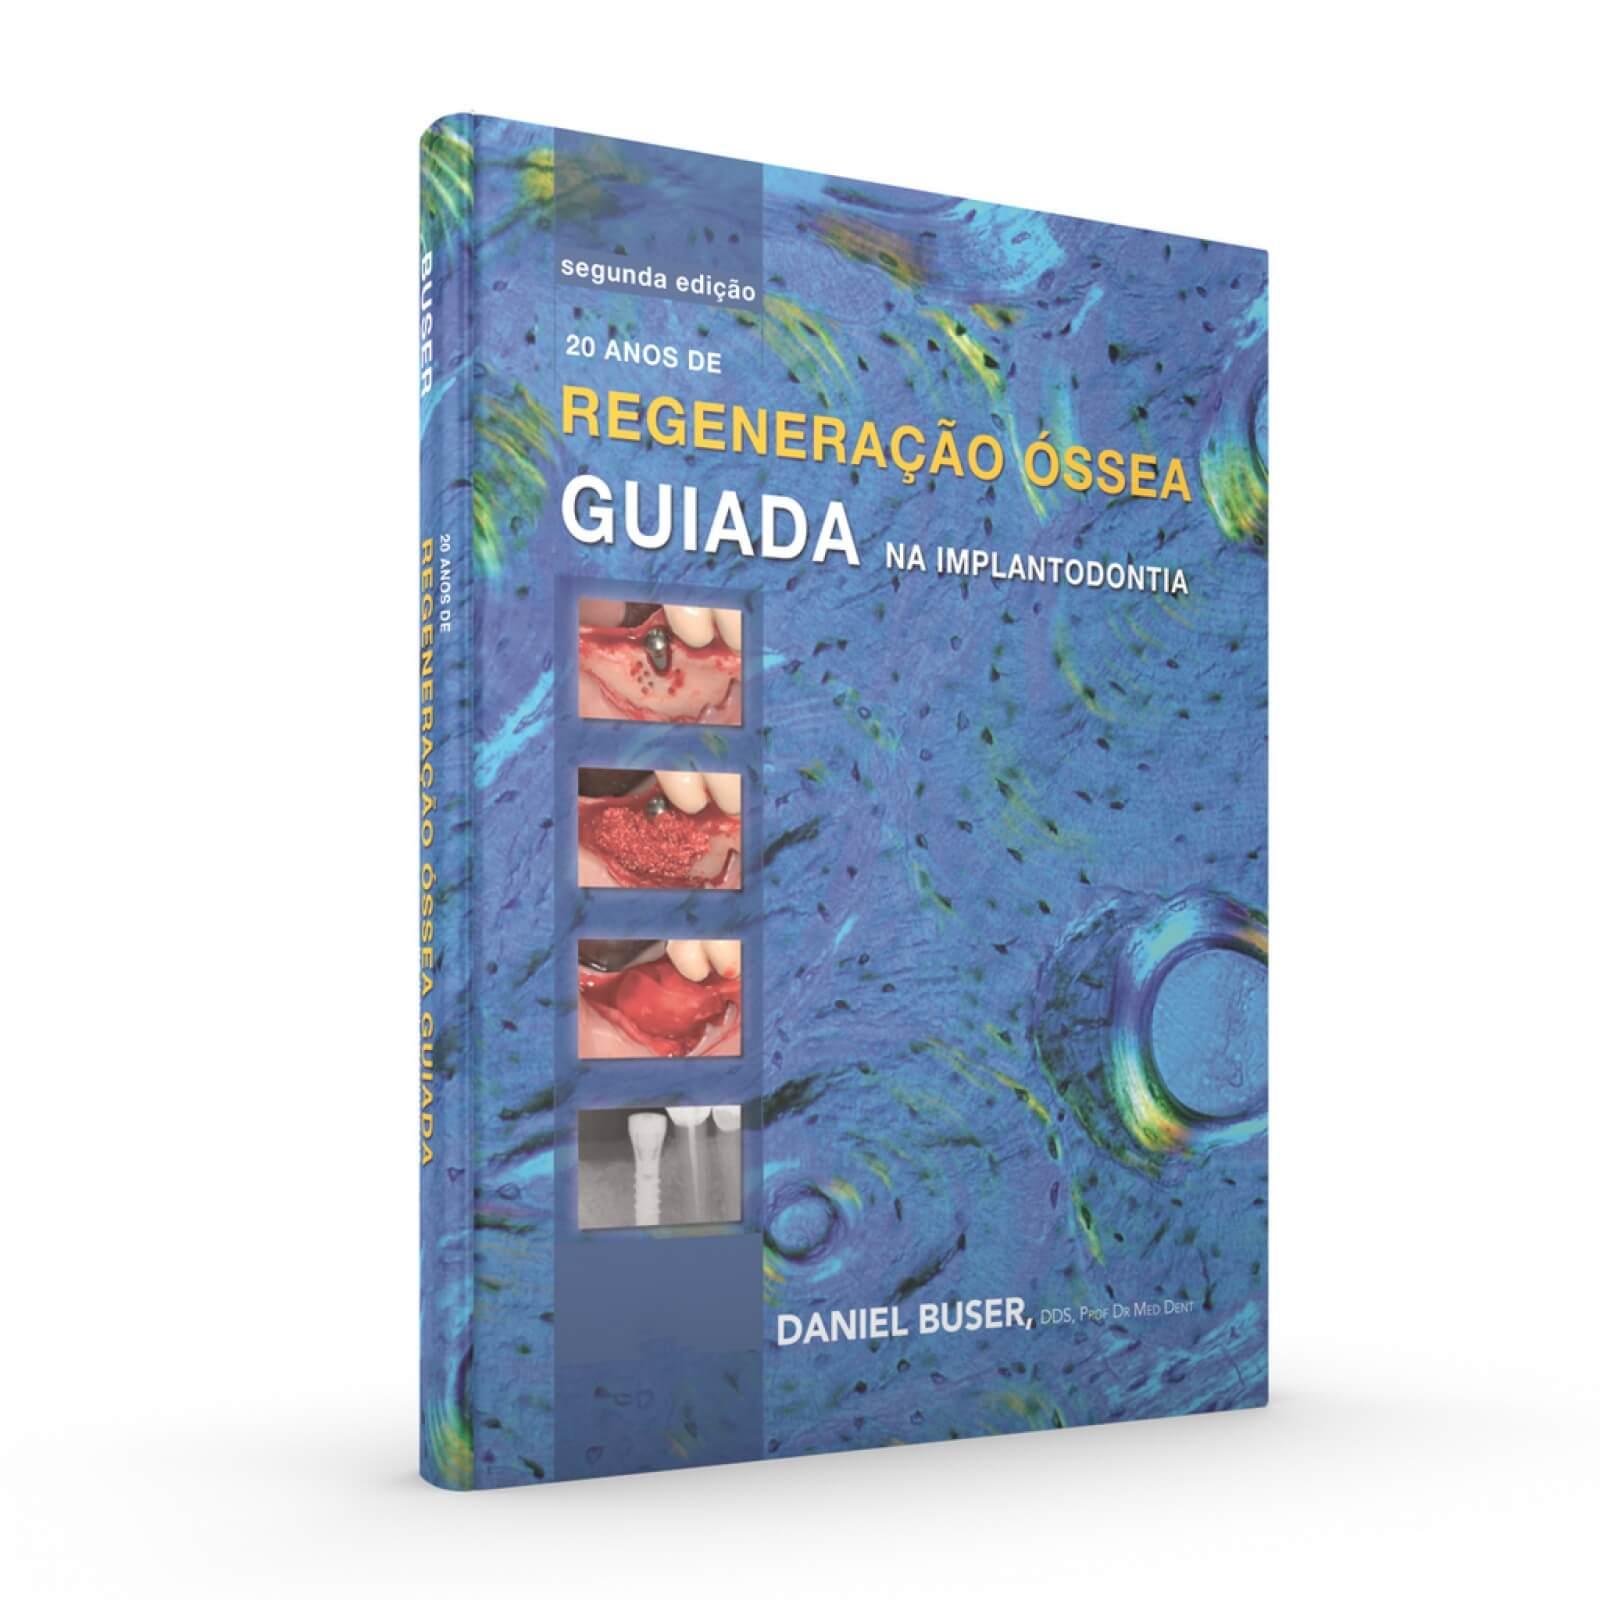 20 Anos De Regeneraçao Óssea Guiada Na Implantodontia